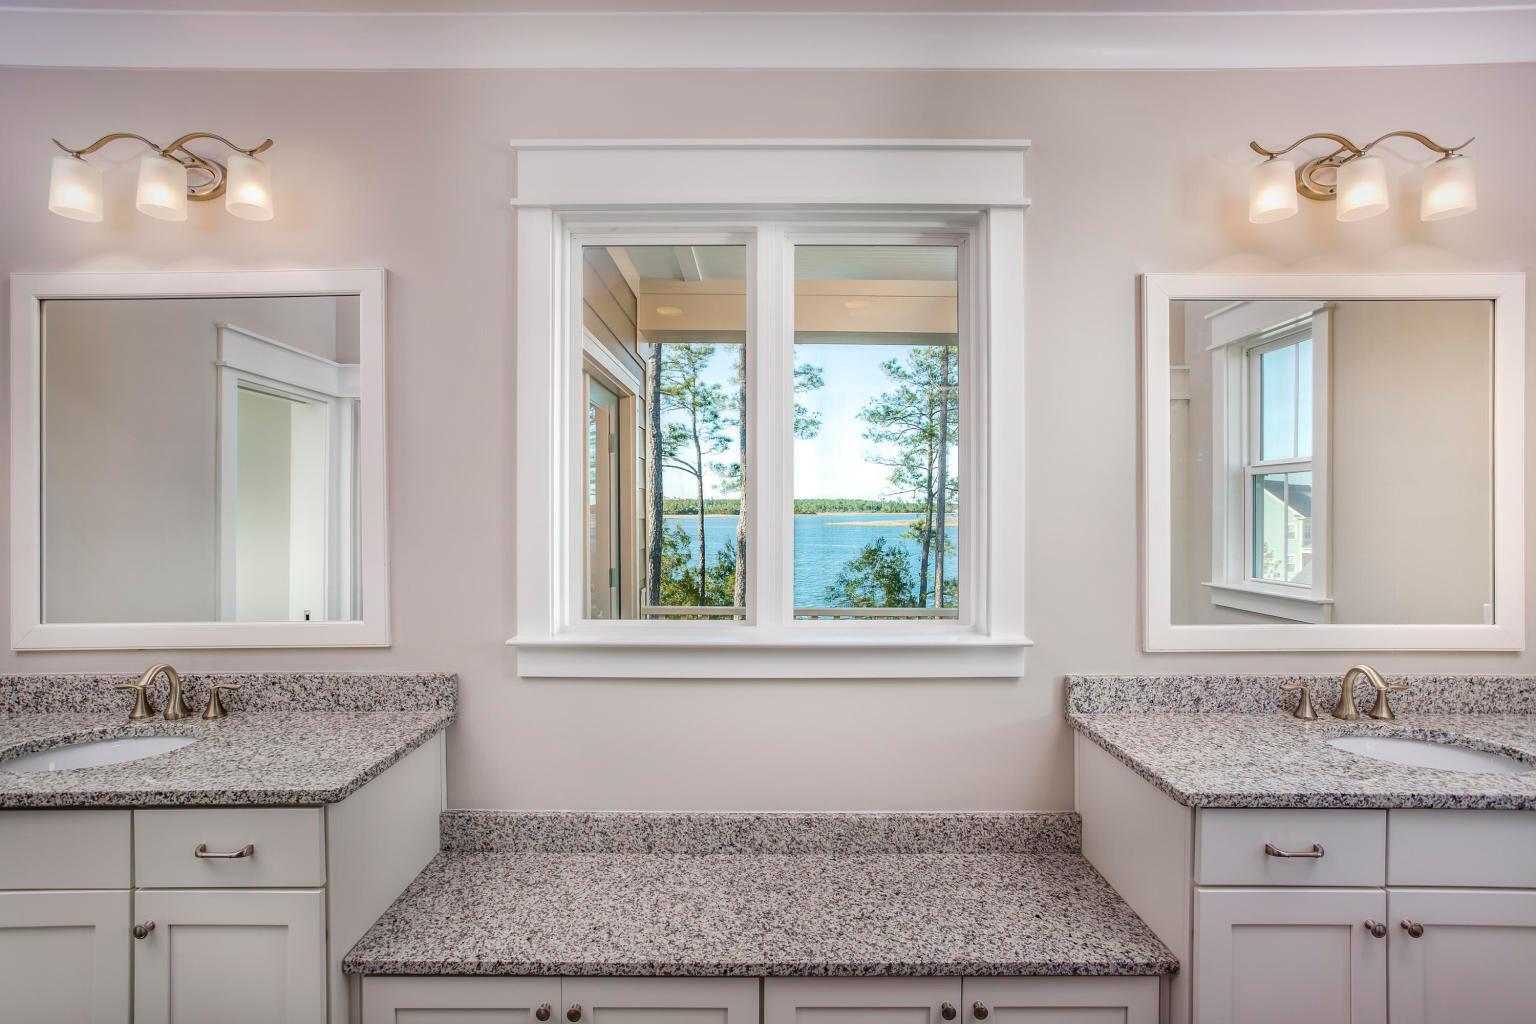 Dunes West Homes For Sale - 2892 River Vista Way, Mount Pleasant, SC - 13